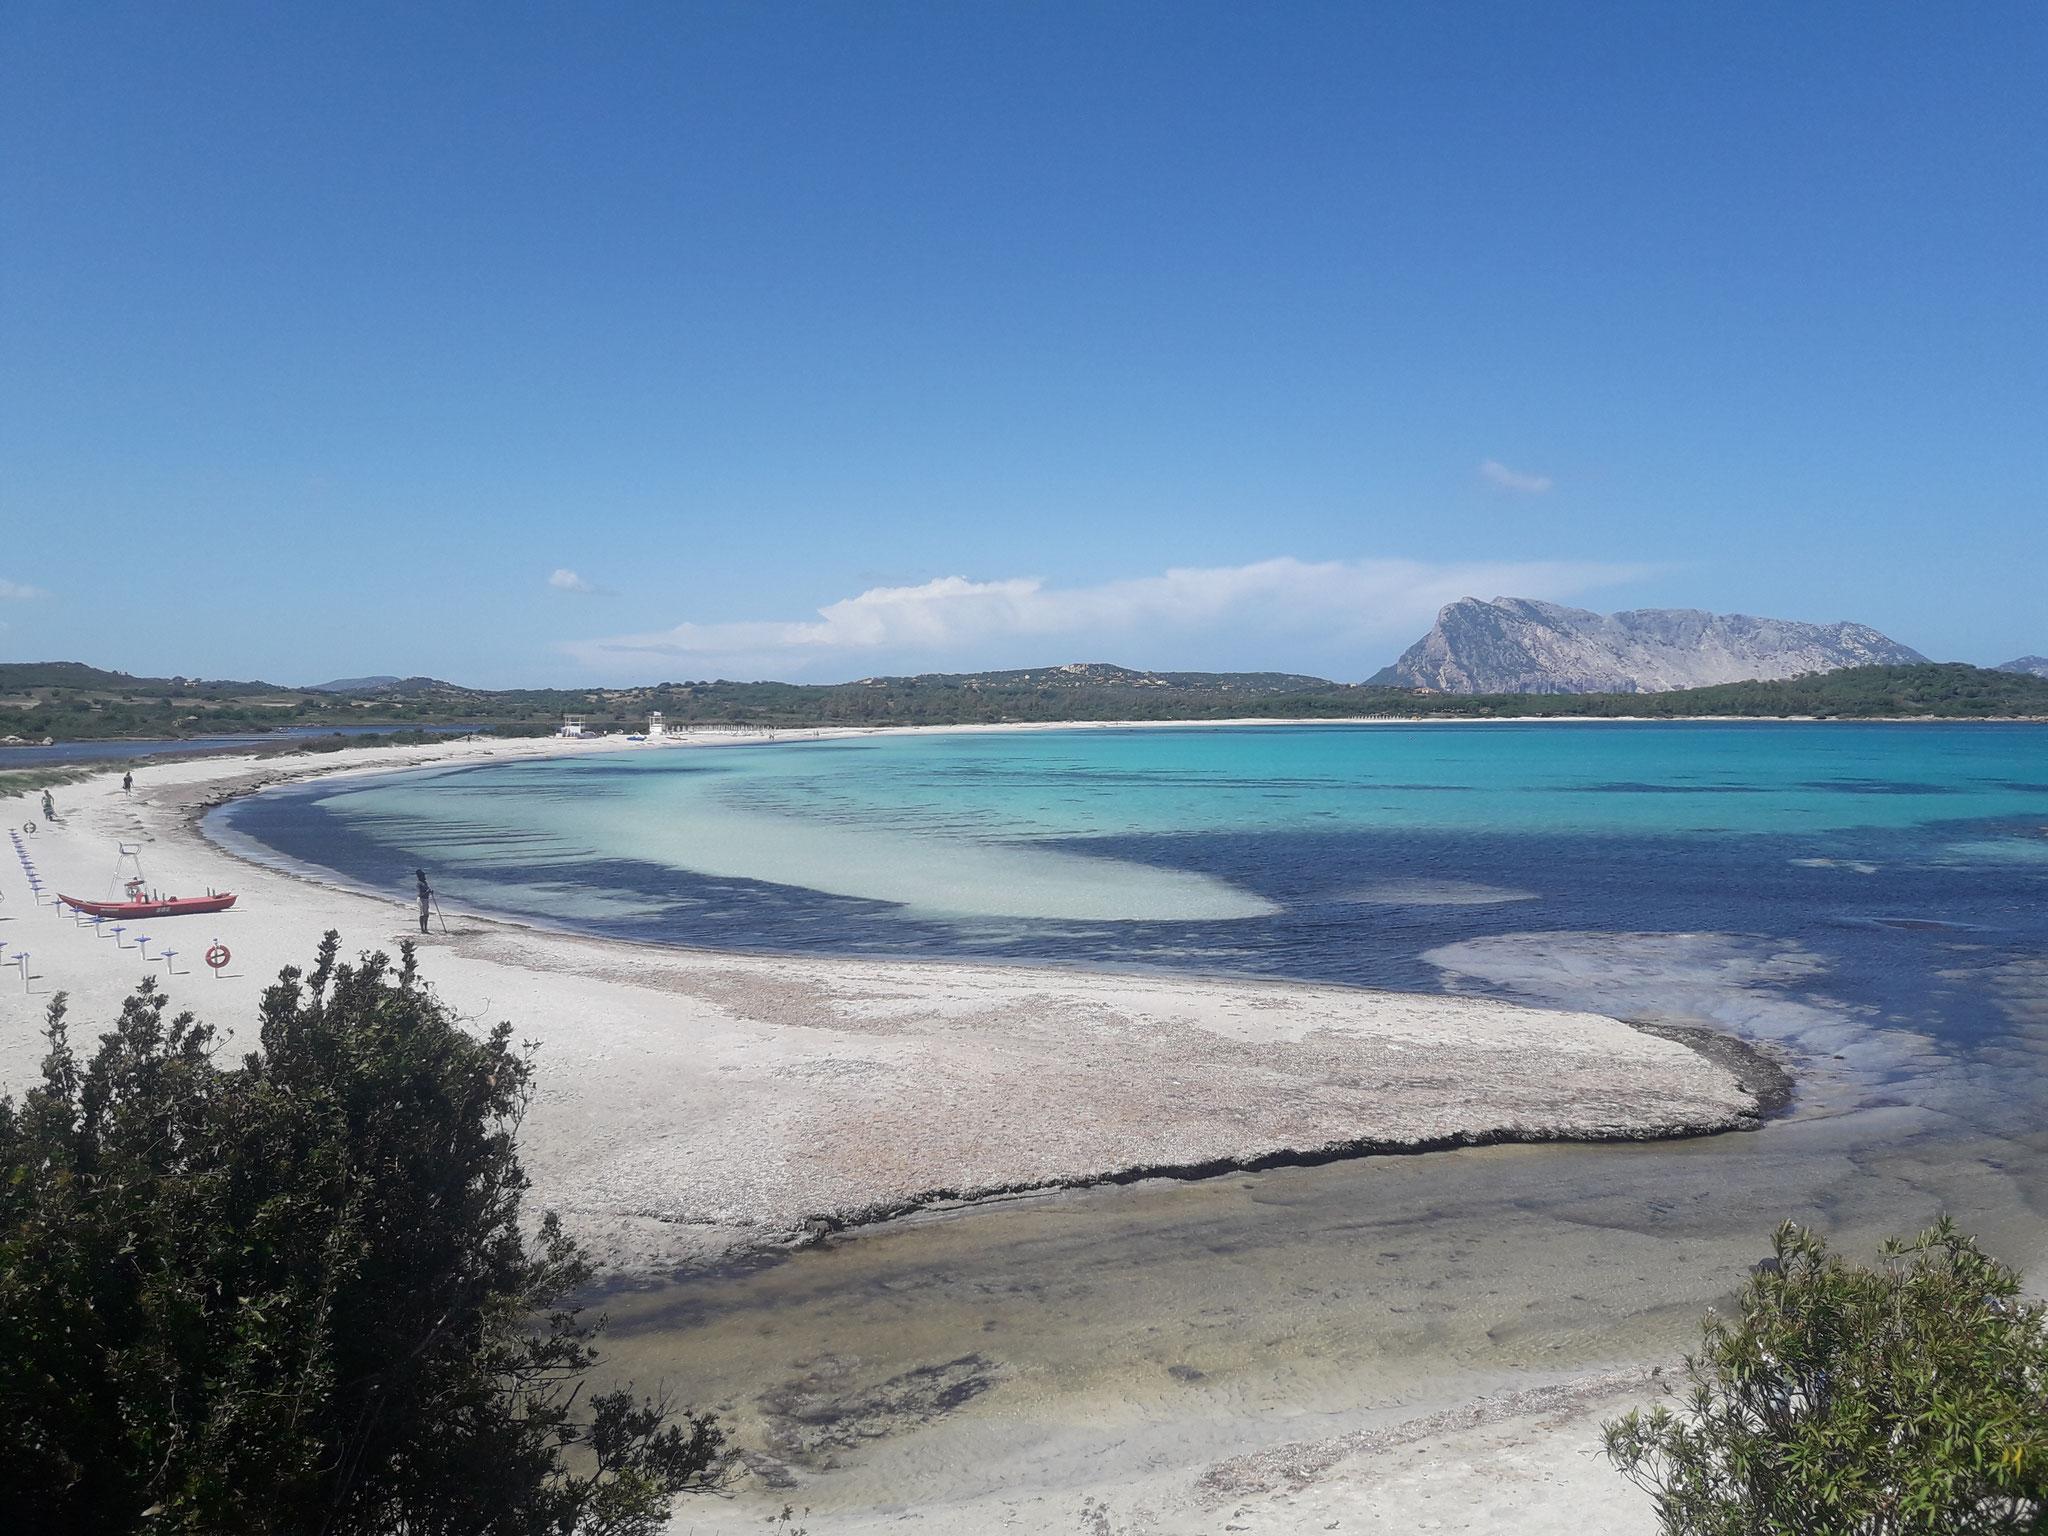 aktiver Segeltörn  mit Skipper mitsegeln Sardinien und Korsika